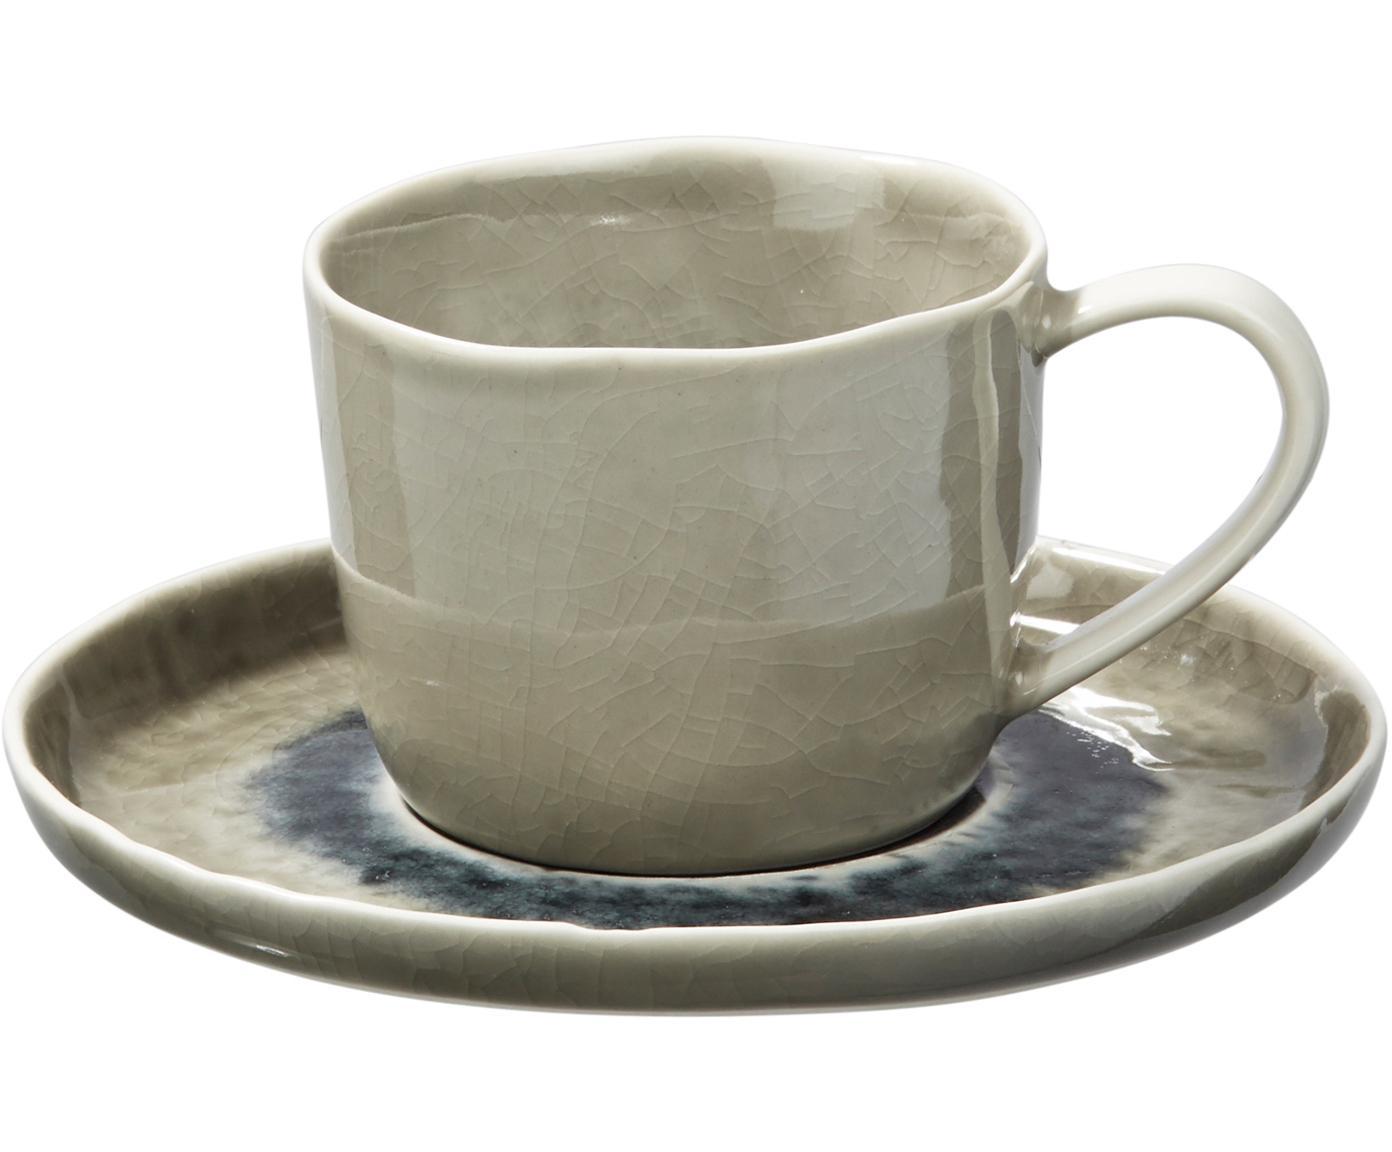 Tasse mit Untertasse Porcelino Sea in Graugrün/Beige, 6 Stück, Porzellan, Graugrün, Beige, Dunkelgrau, Ø 15 x H 8 cm